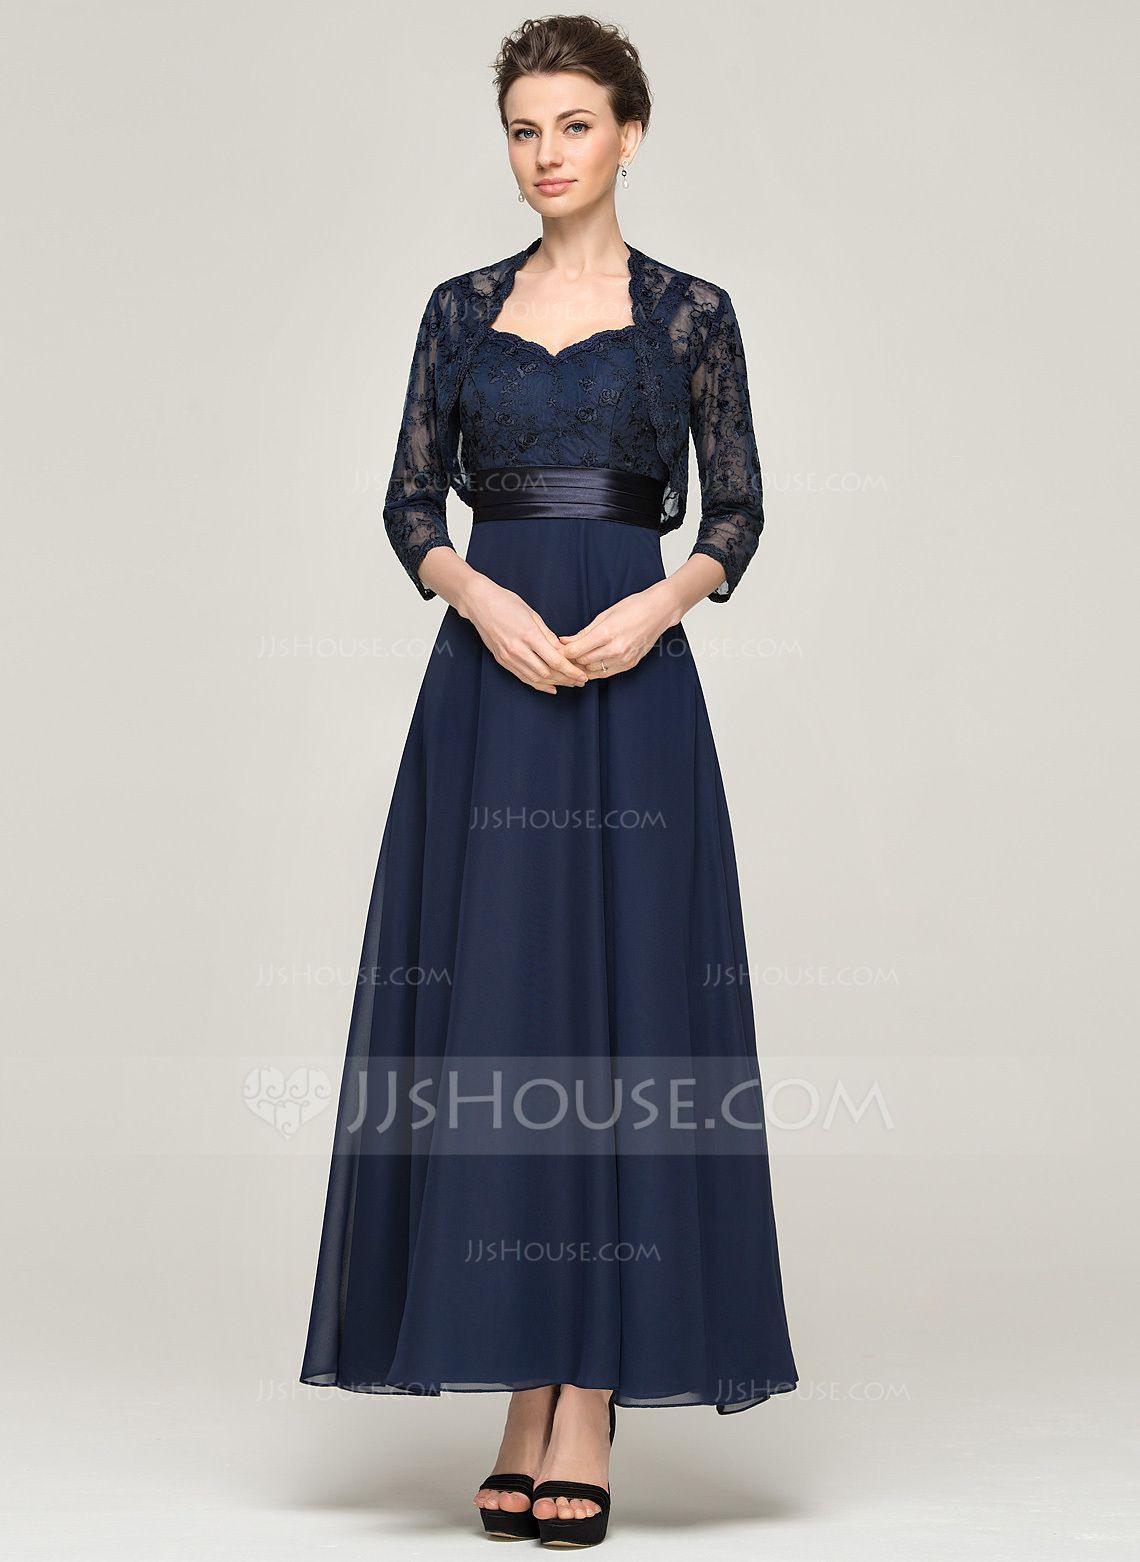 Formal Schön Elegante Kleider Knöchellang SpezialgebietFormal Top Elegante Kleider Knöchellang Vertrieb